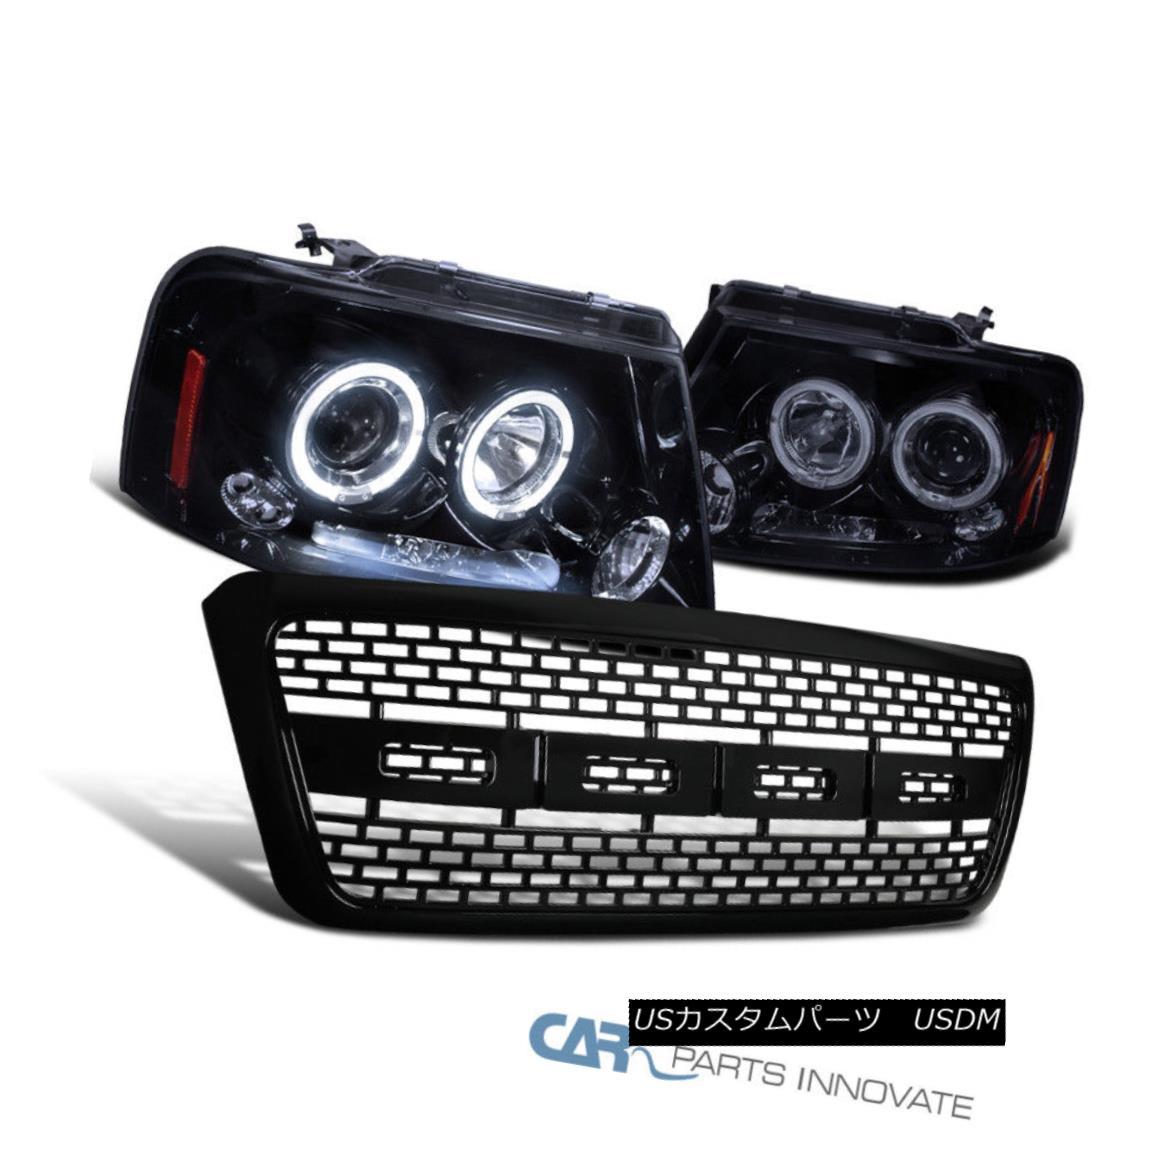 グリル Ford 04-08 F150 Glossy Black Halo LED Projector Headlights+ABS Raptor Grille フォード04-08 F150光沢ブラックハローLEDプロジェクターヘッドライト+ ABSラプターグリル